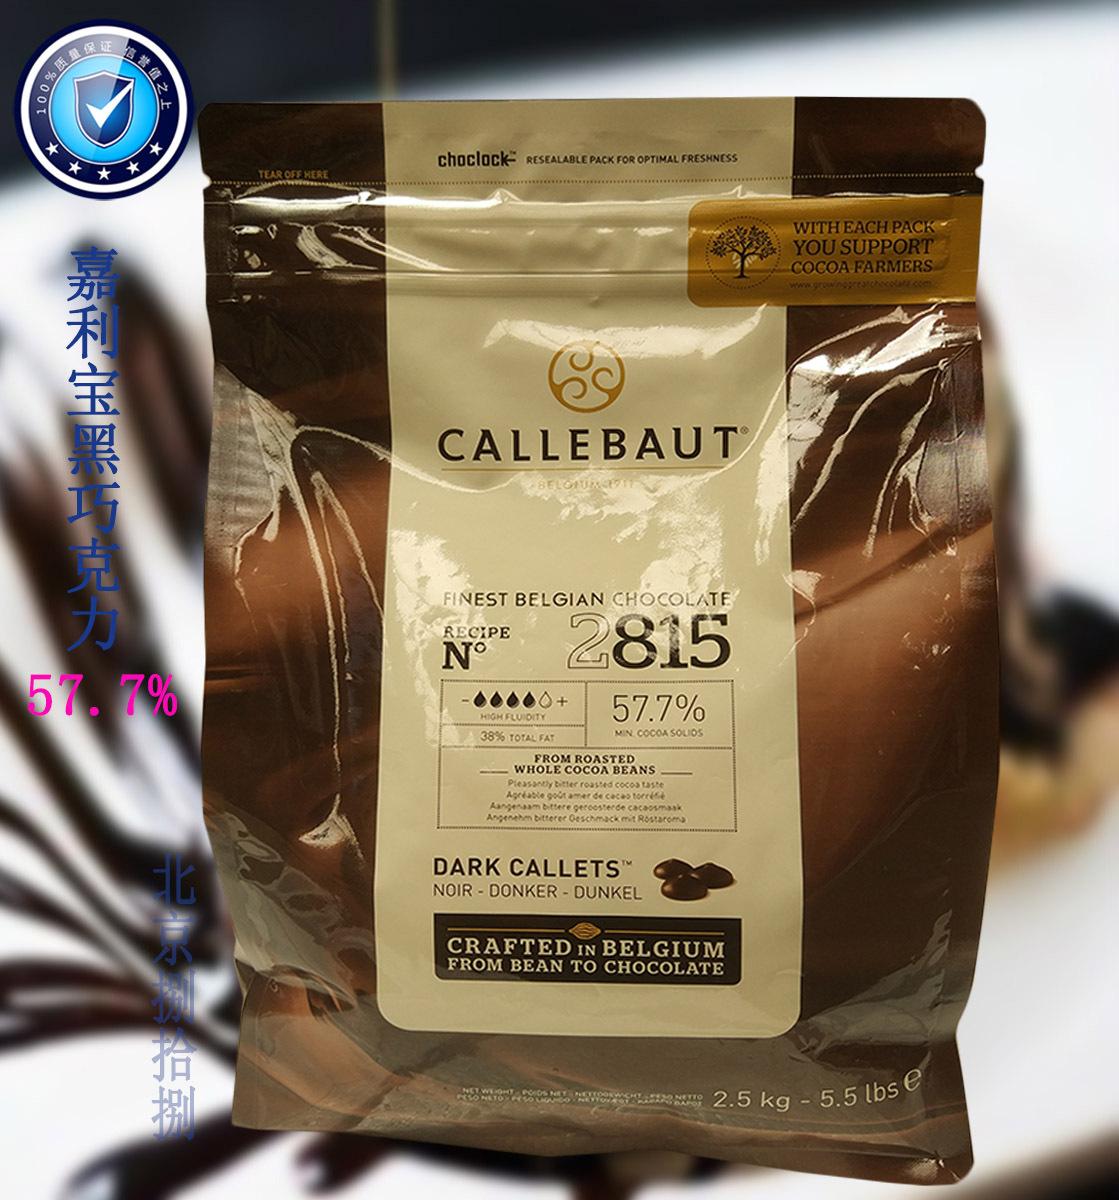 官方授权比利时嘉利宝黑巧克力豆2.5kg可可含量57.7%特价促销